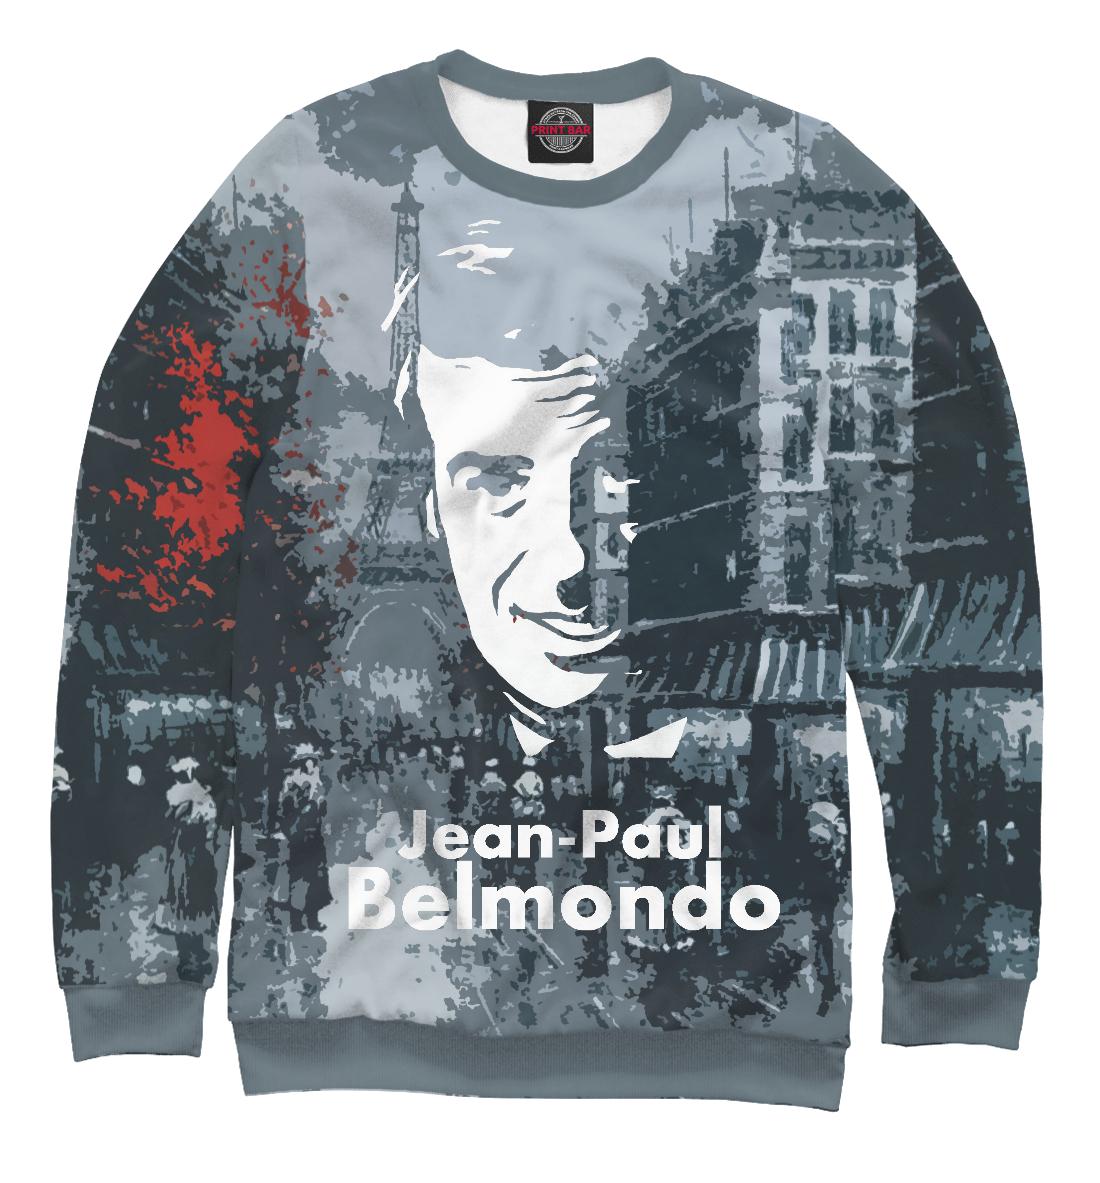 Купить Jean-Paul Belmondo, Printbar, Свитшоты, ZNR-163199-swi-1